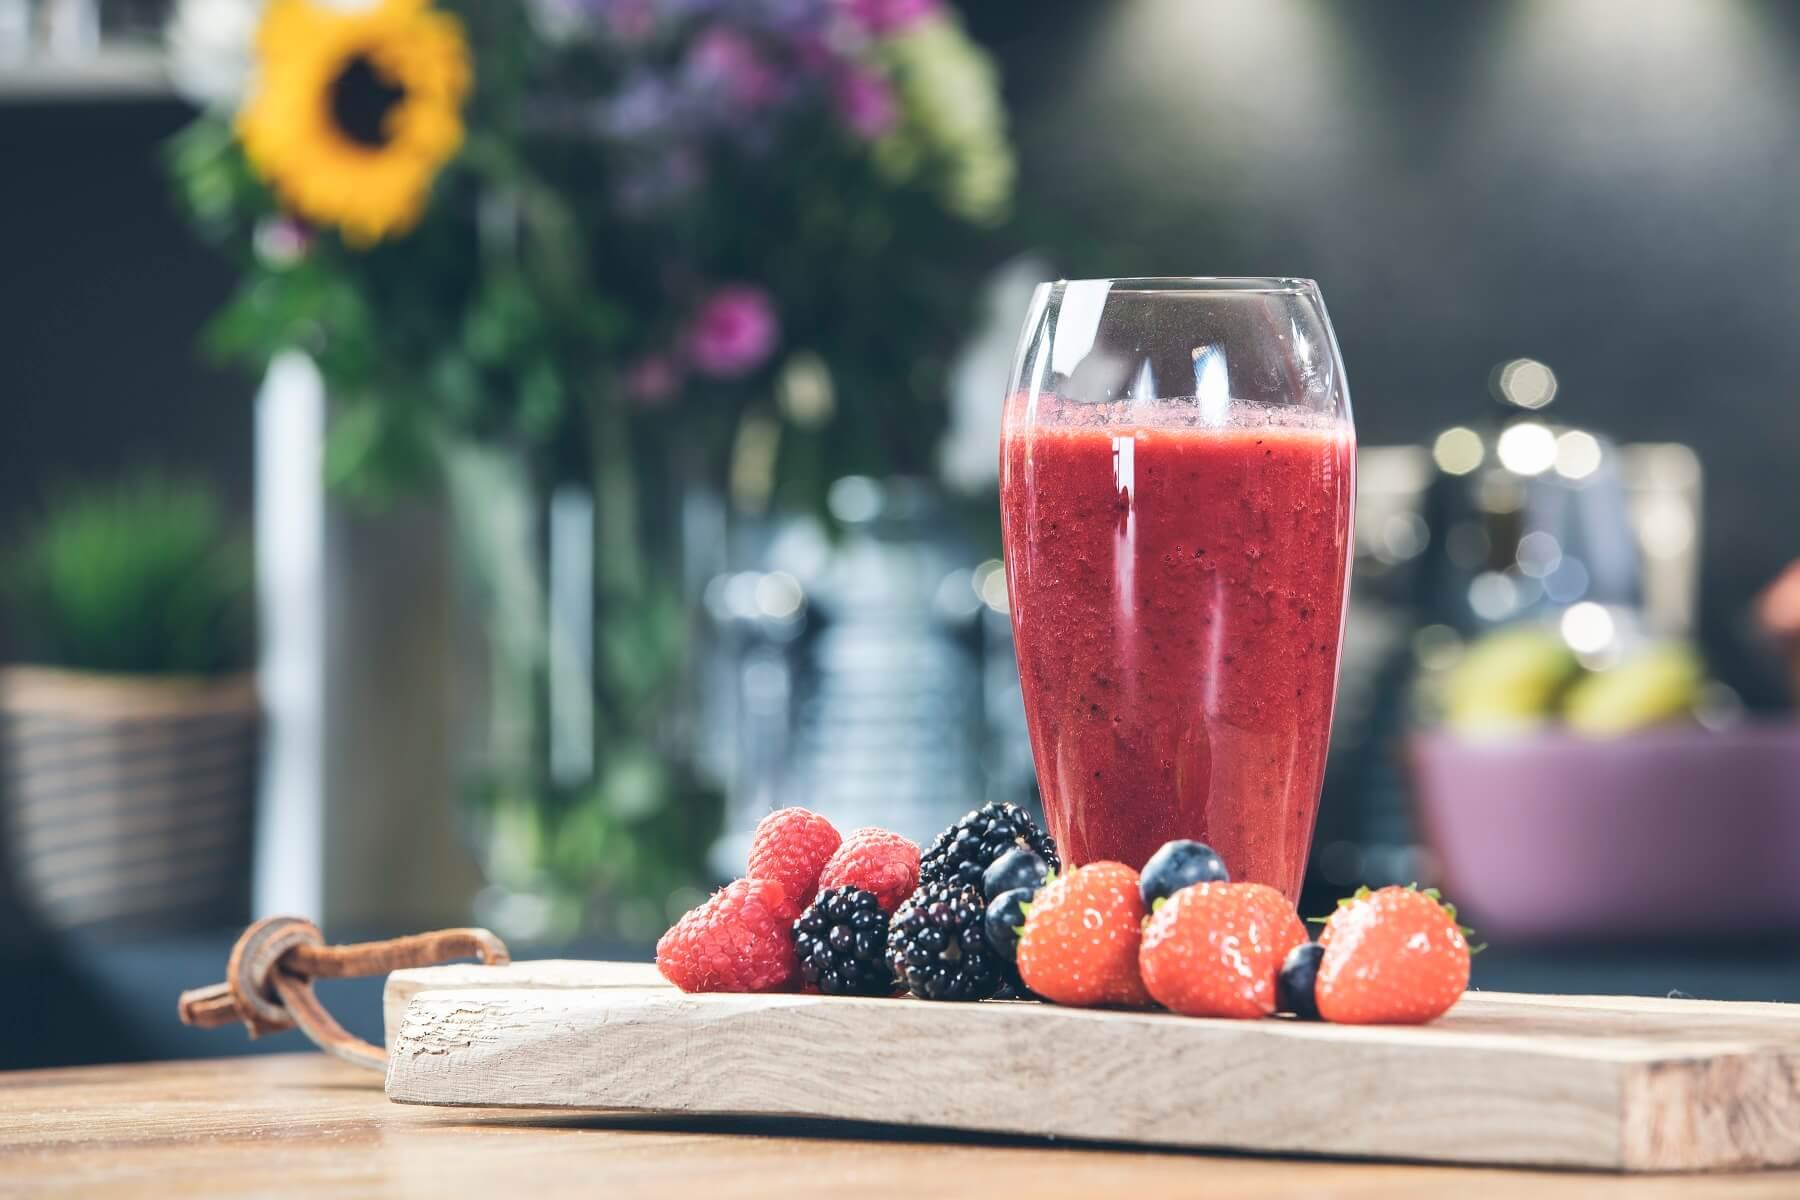 Antioxidant blast with blueberries, blackberries, raspberries and strawberries